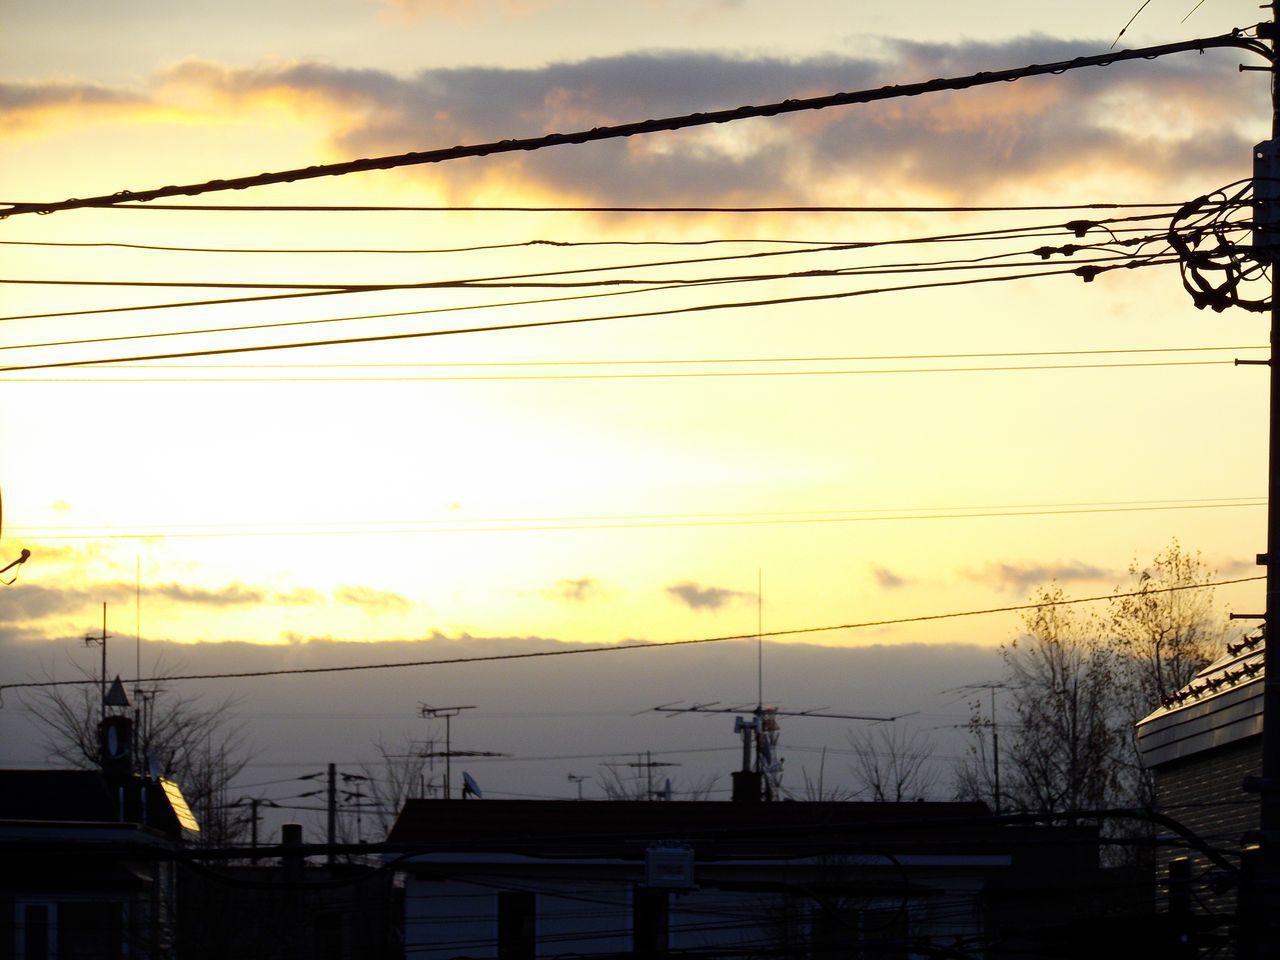 いつ降ってもおかしくない寒さ_c0025115_18360204.jpg